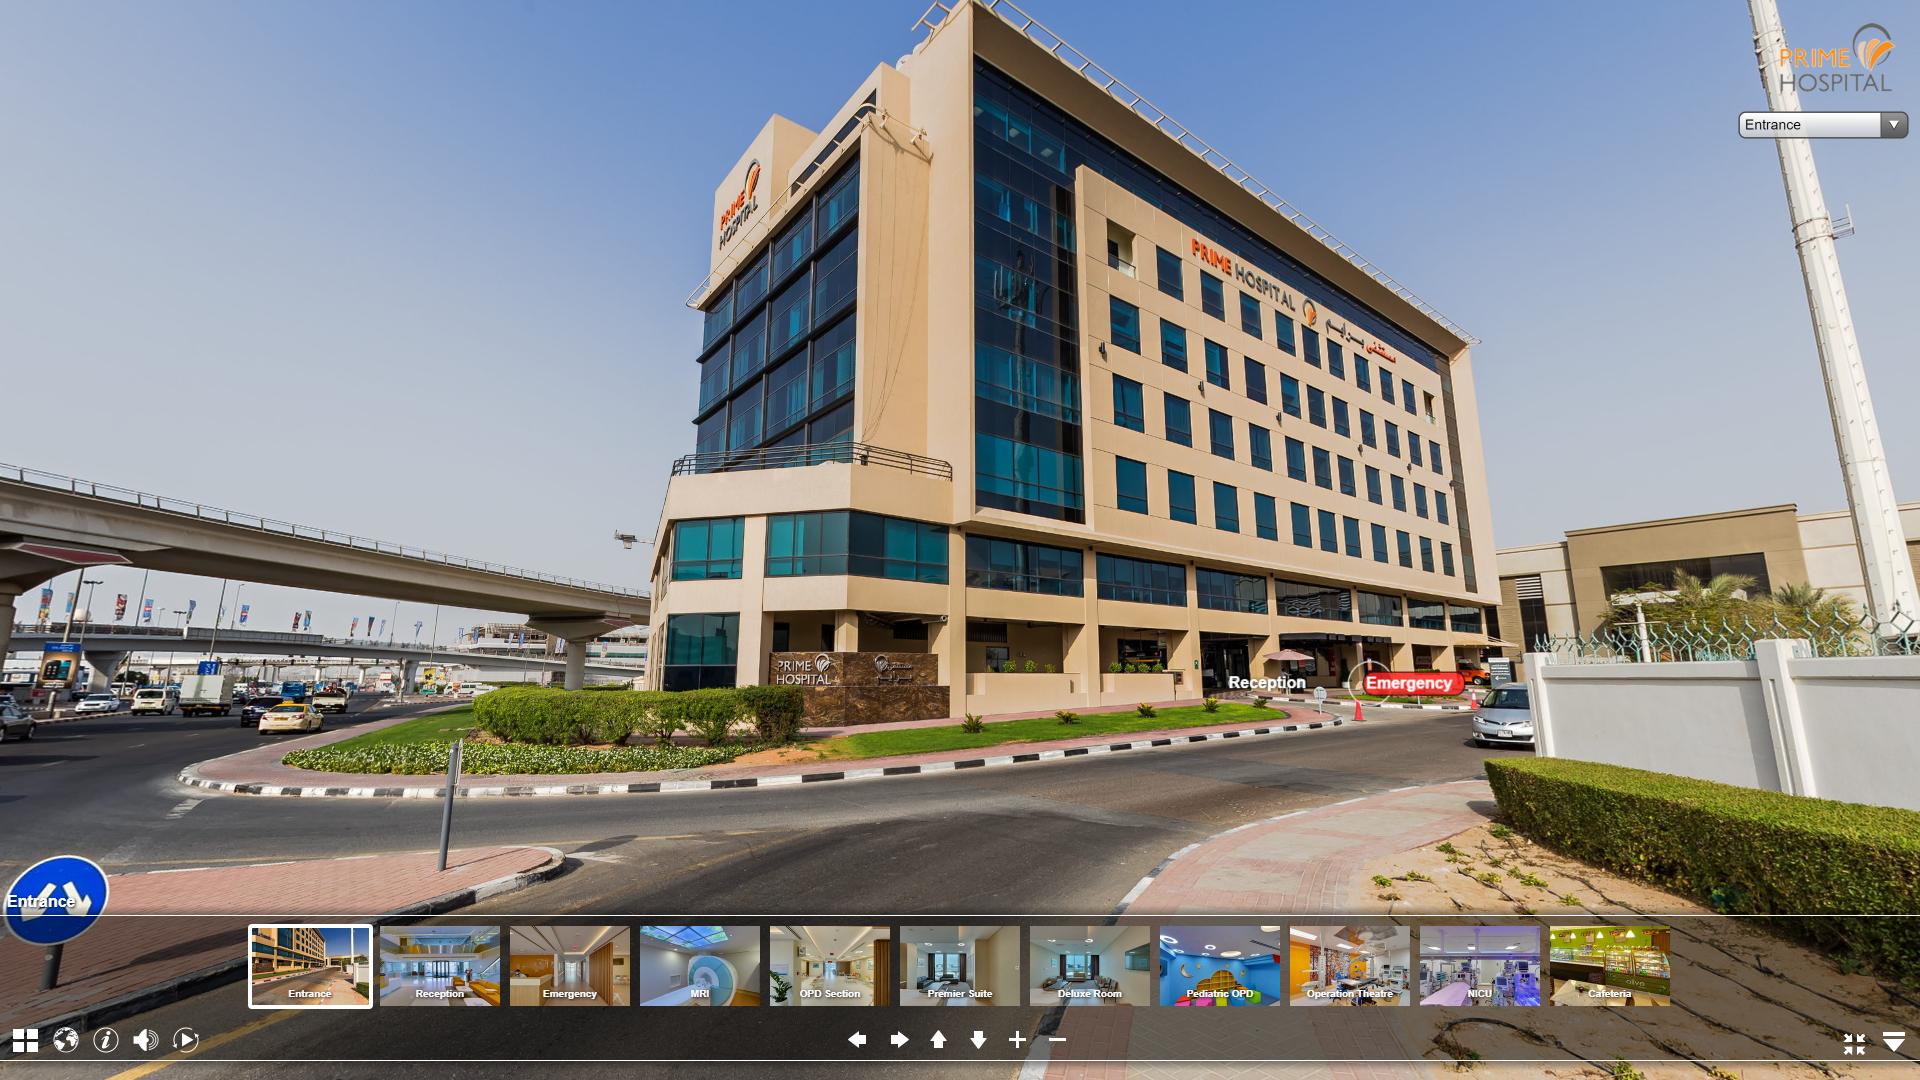 hospital 360 tour